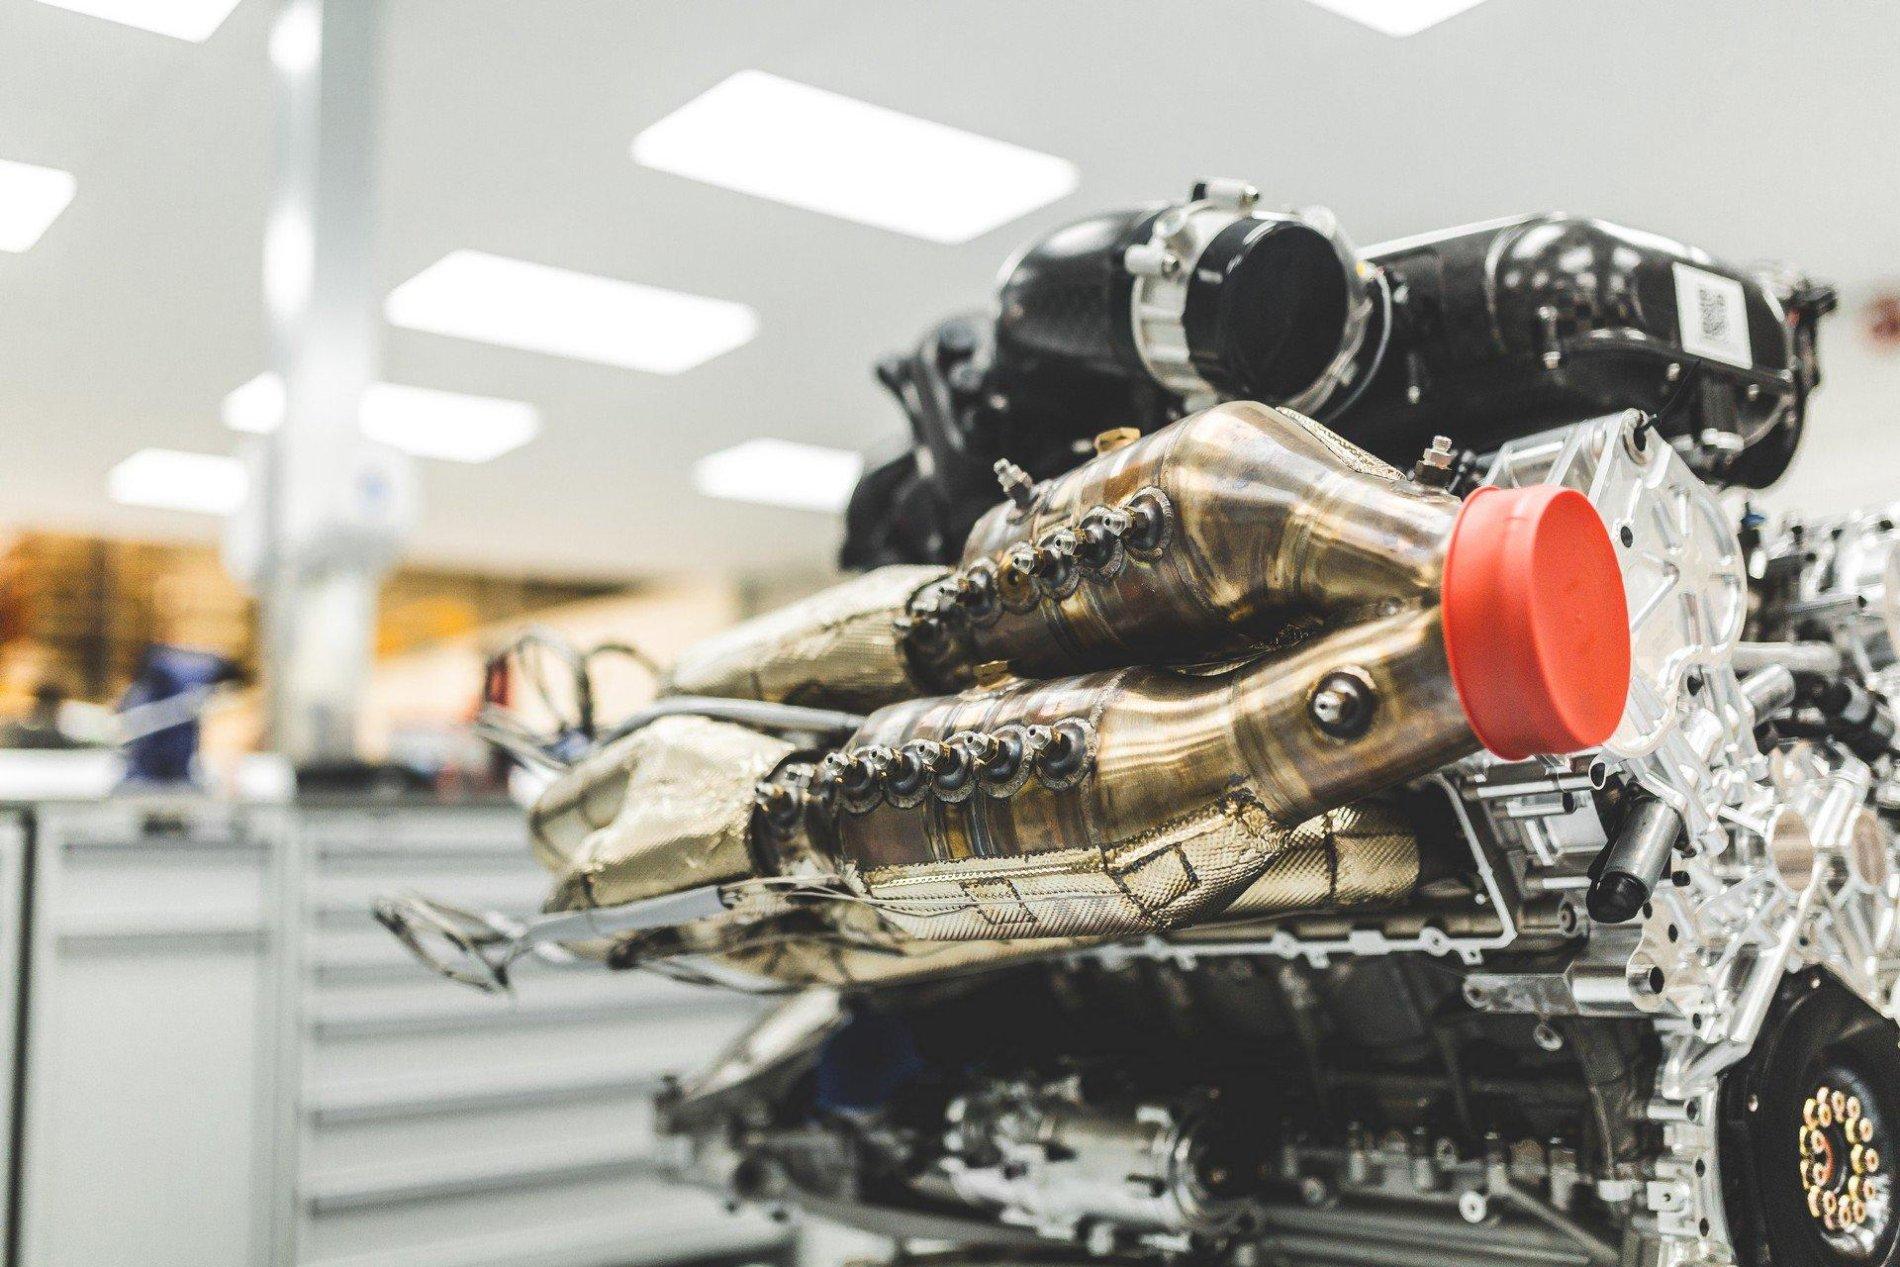 Motor Valkyrie - Motor Valkyrie